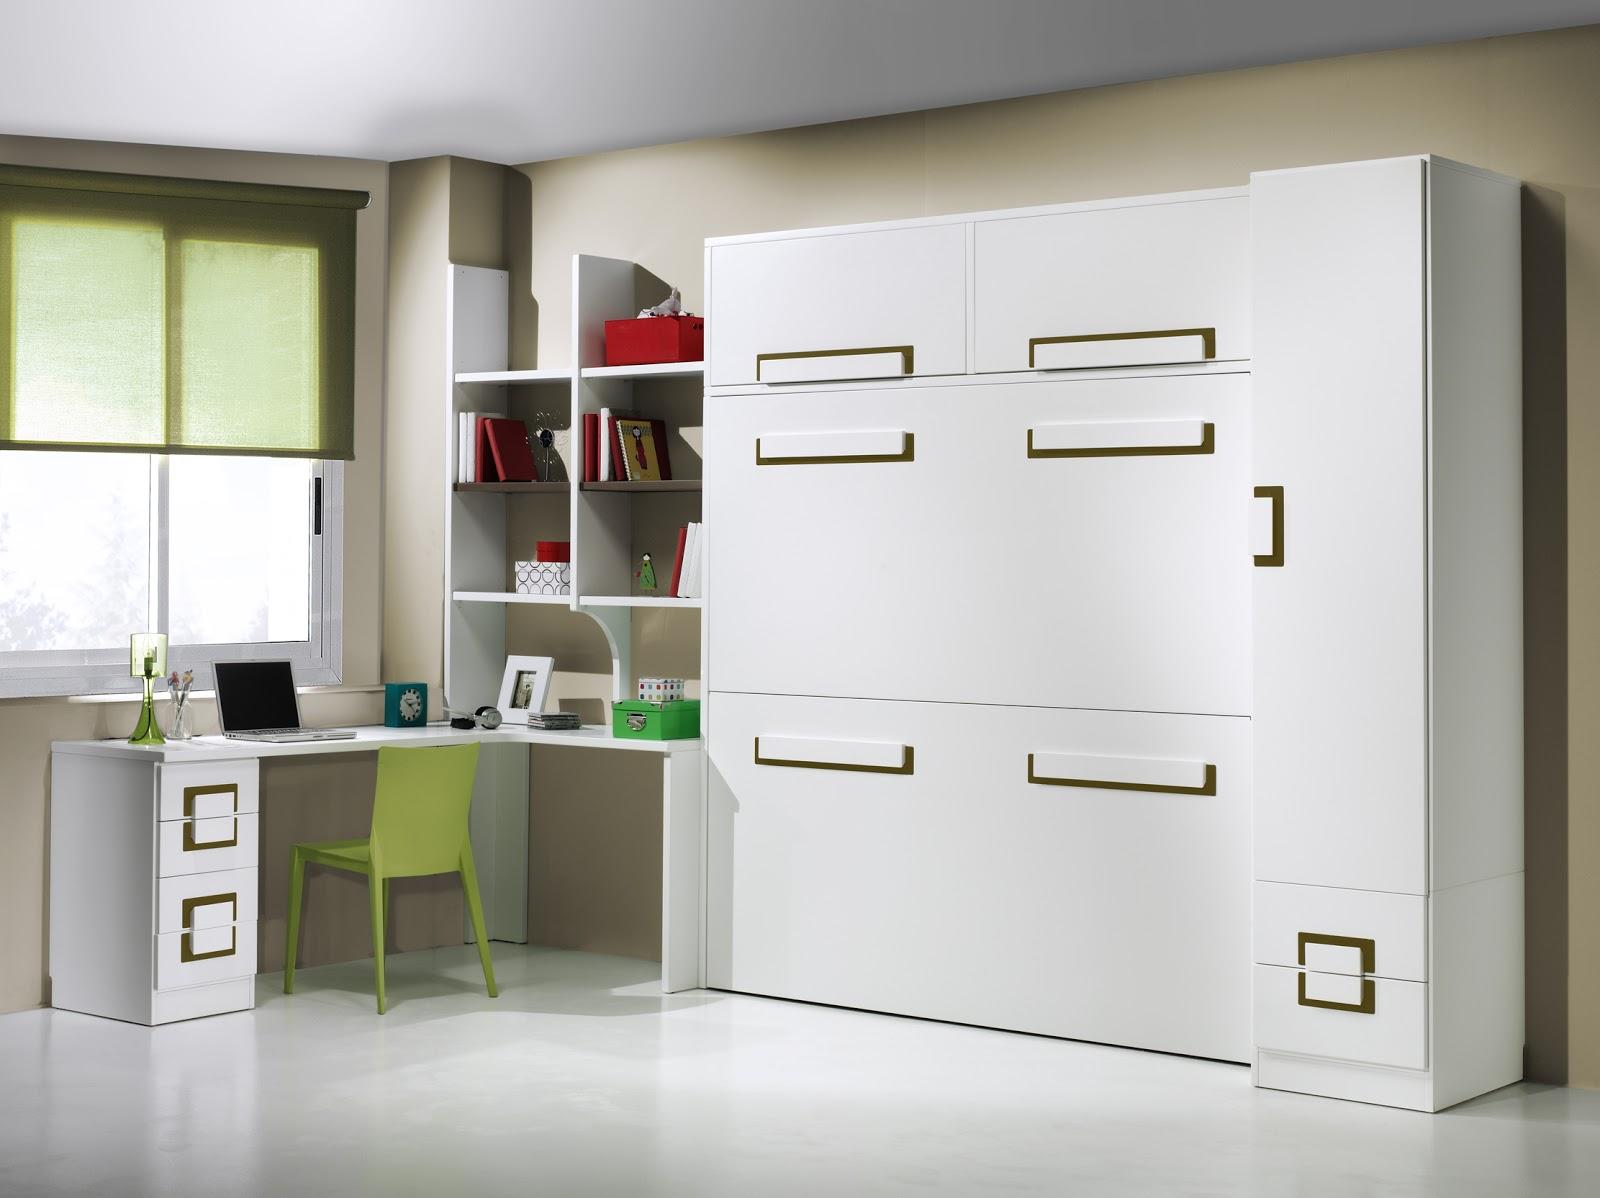 Tienda de literas abatibles zona norte madrid - Habitaciones juveniles muebles tuco ...